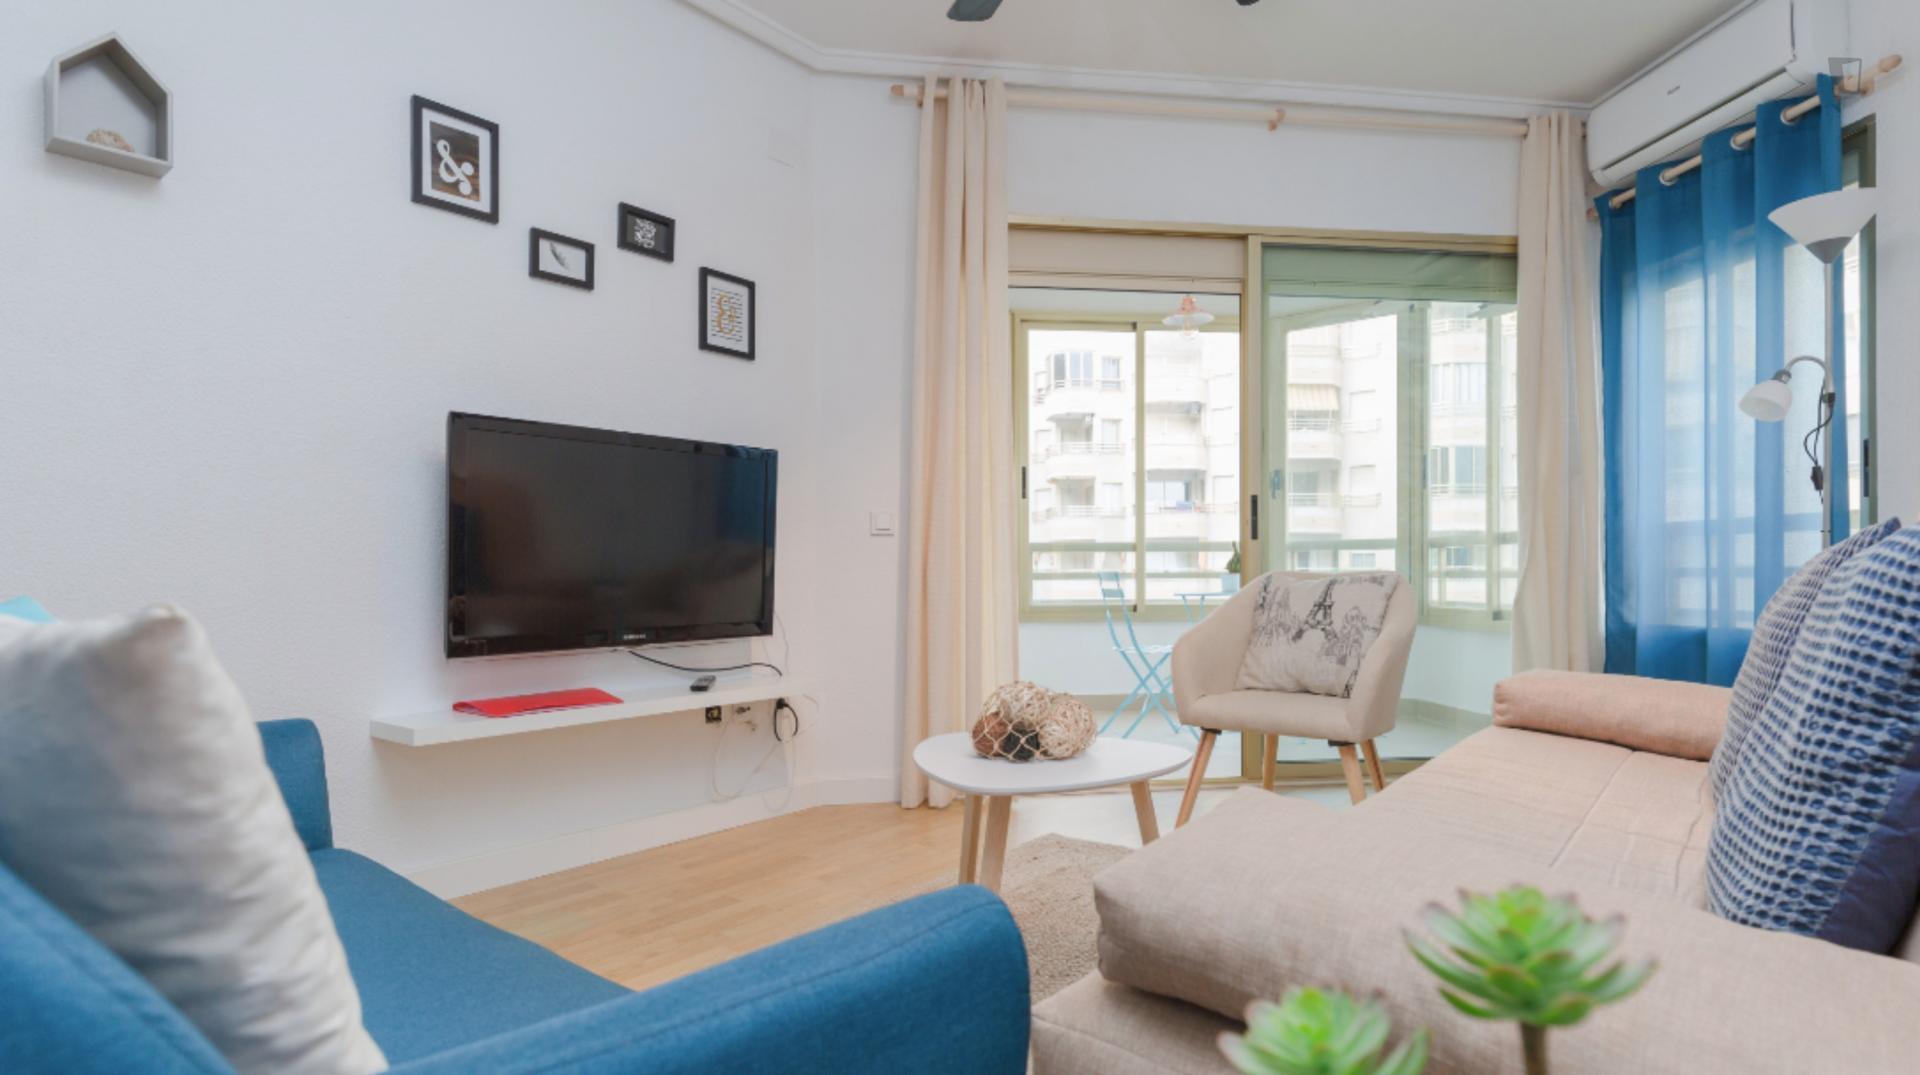 Universitat - Nice apartment in Alicante